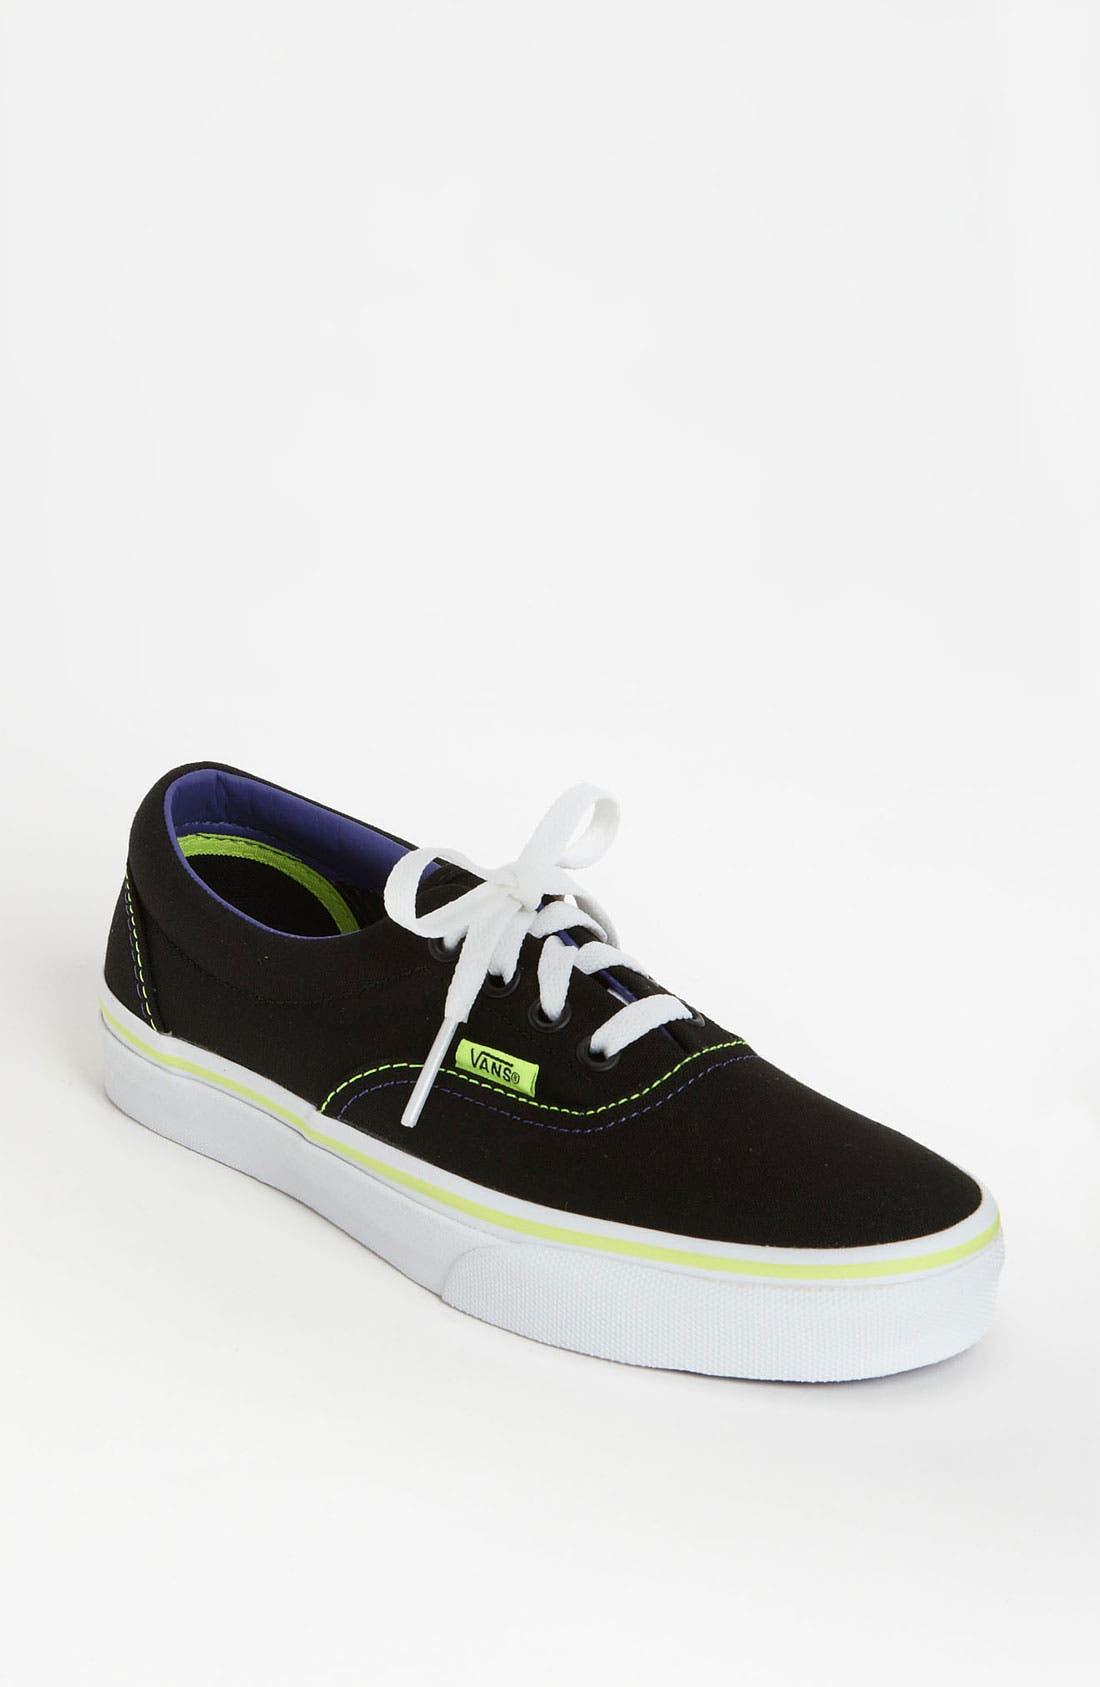 Main Image - Vans 'Era - Pop' Sneaker (Women)